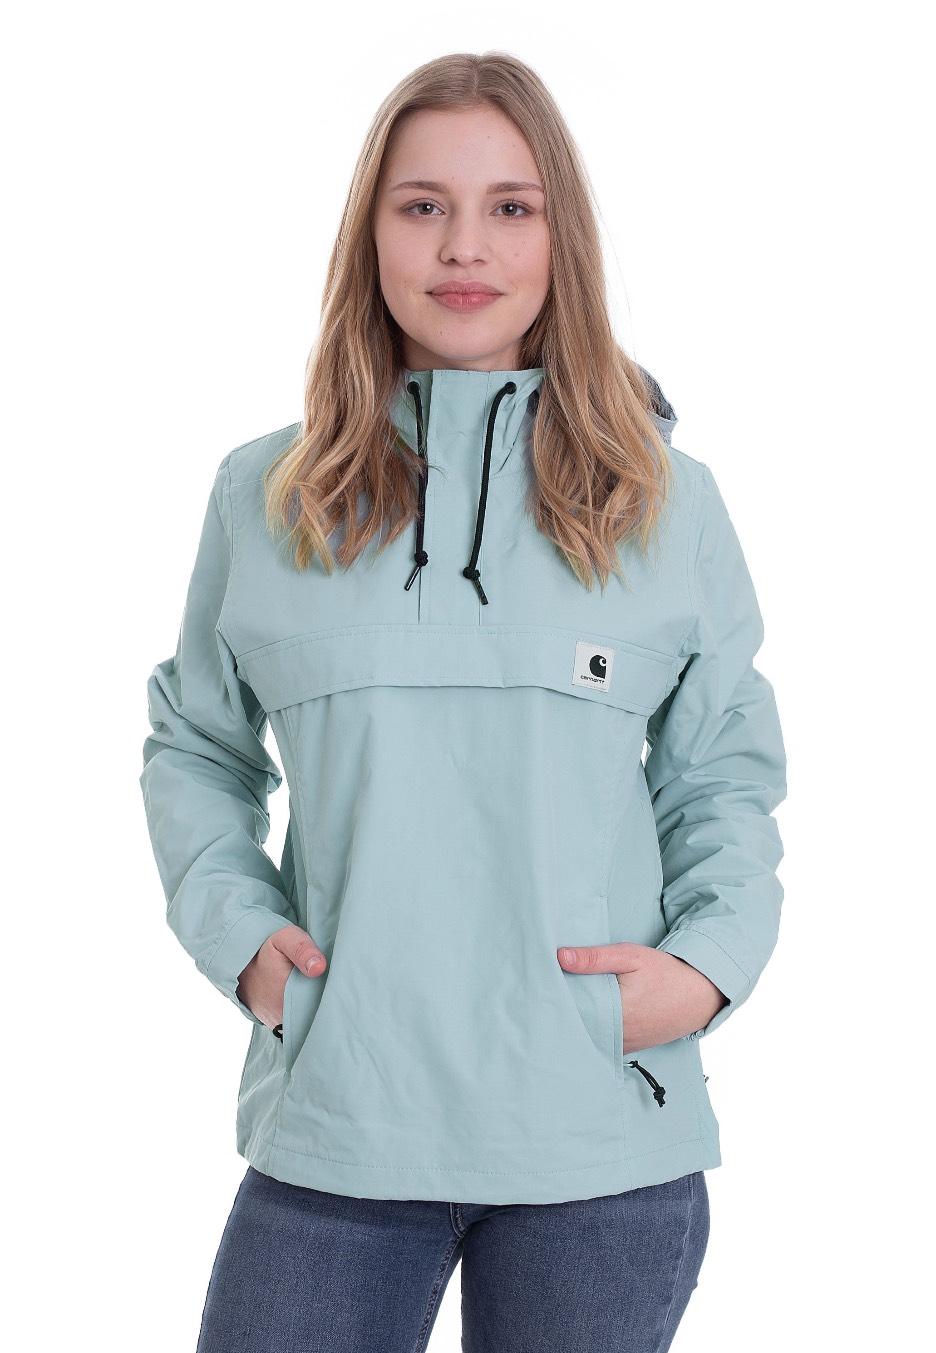 Jacken für Frauen - Carhartt WIP W' Nimbus Soft Aloe Summer Jacken  - Onlineshop IMPERICON